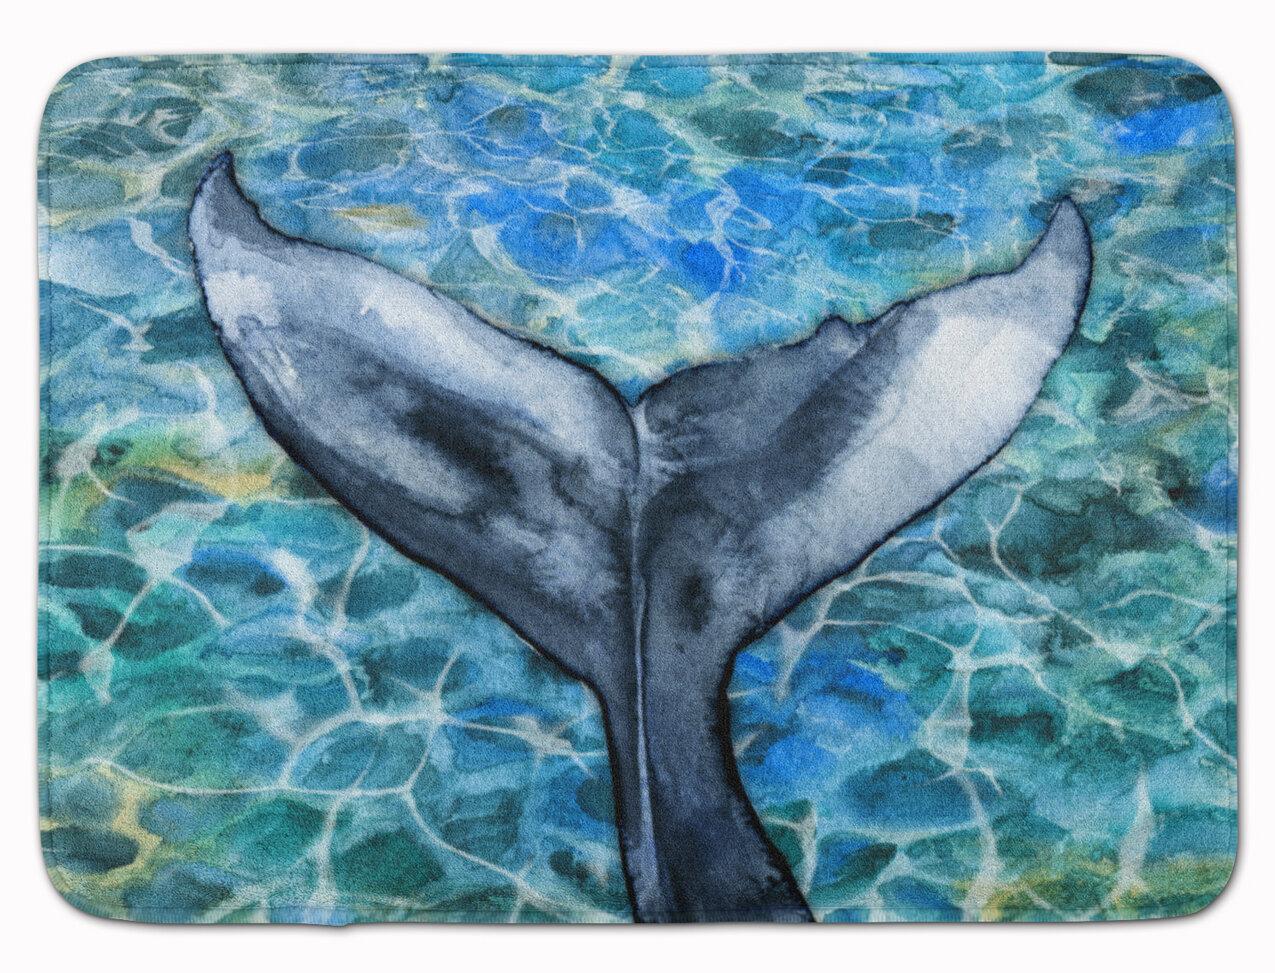 Whale Tail Memory Foam Bath Rug